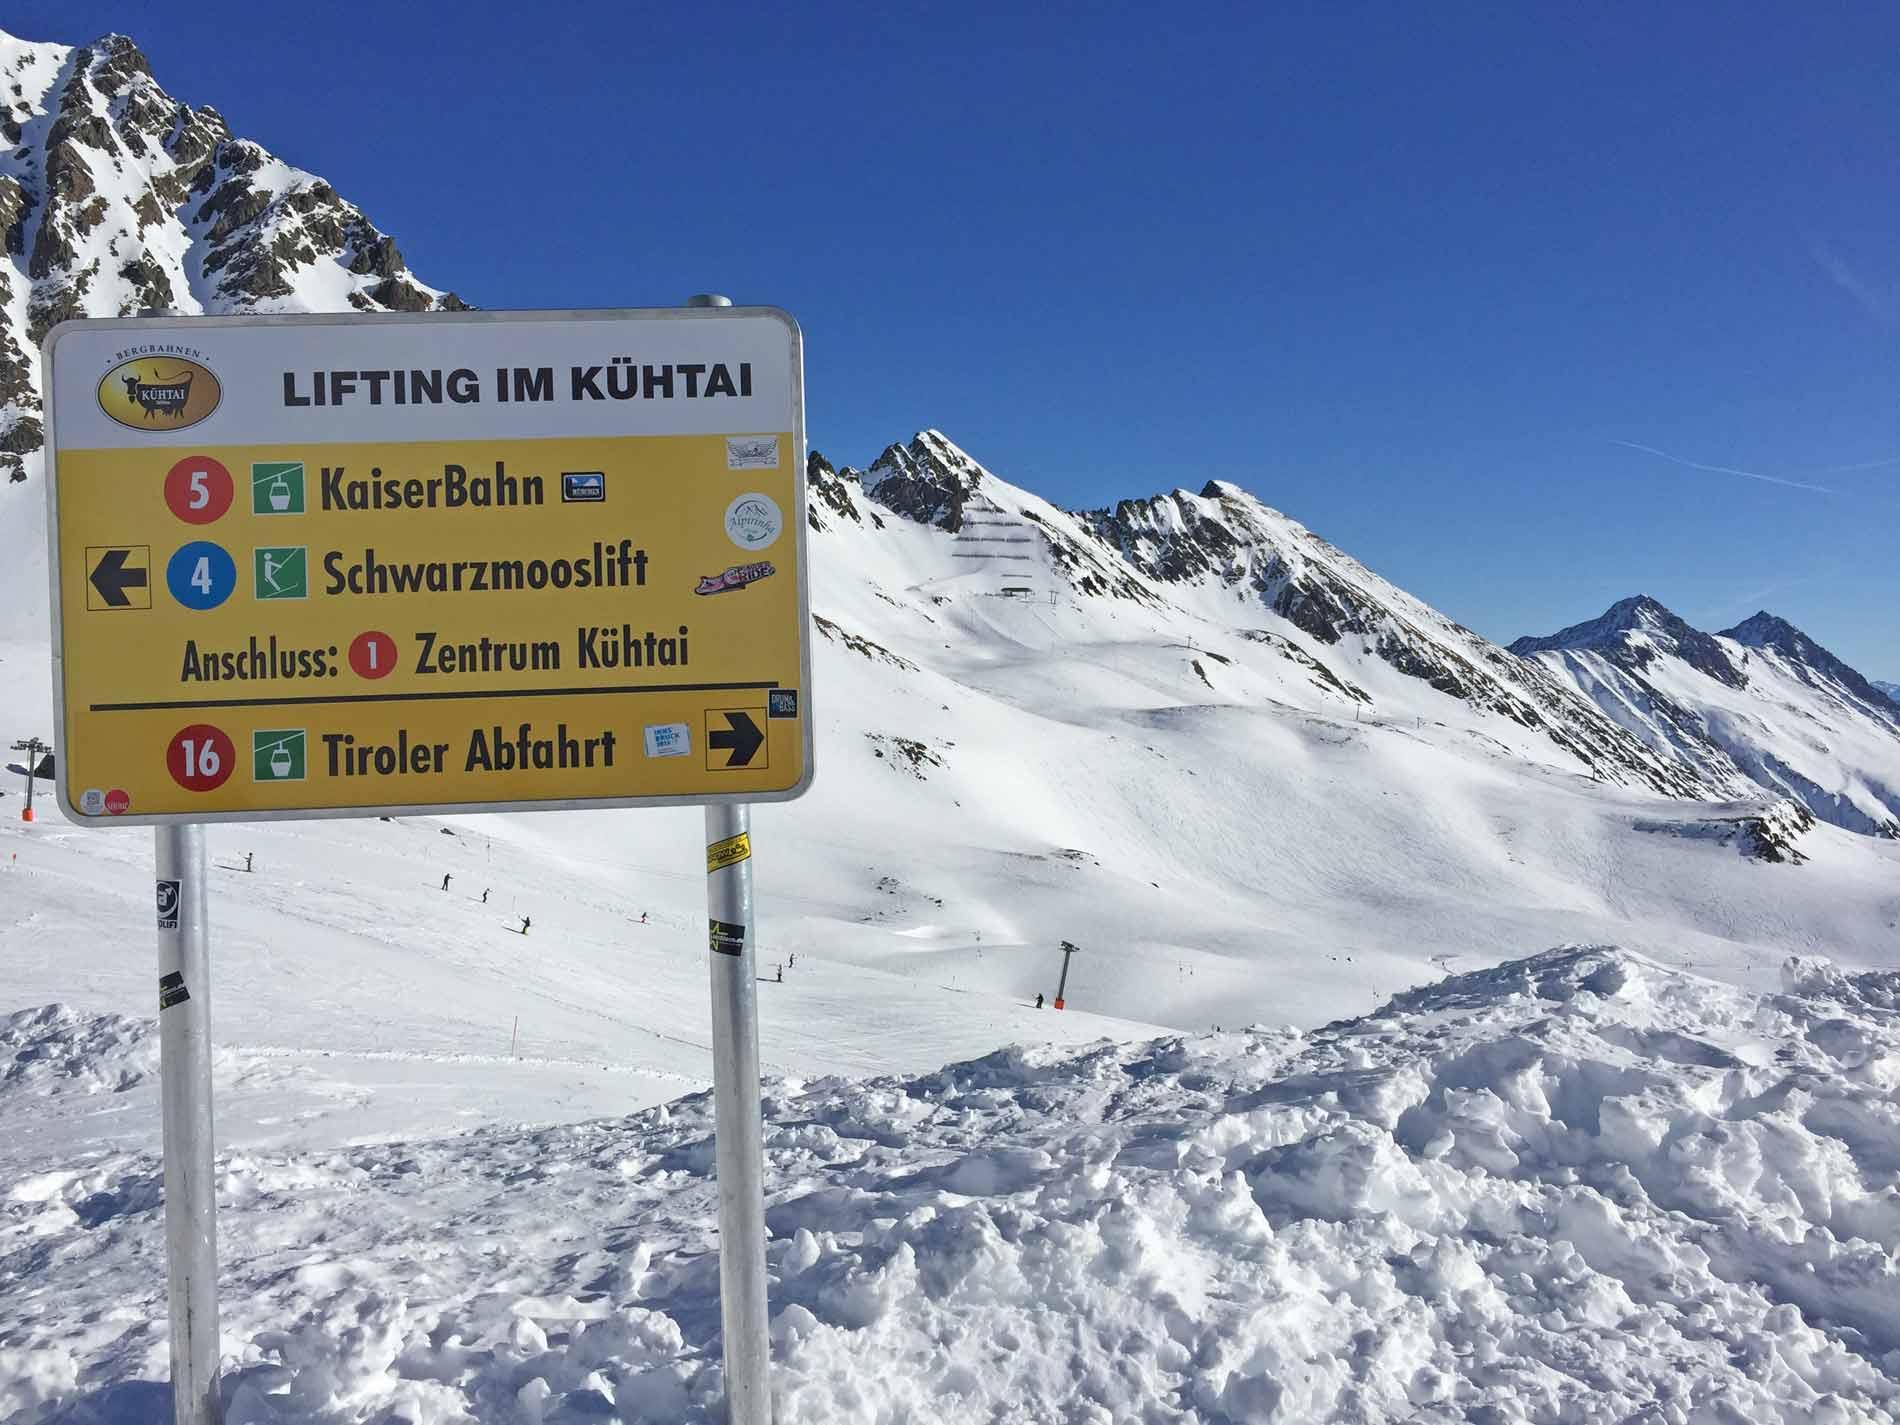 Bord met piste informatie in Kühtai